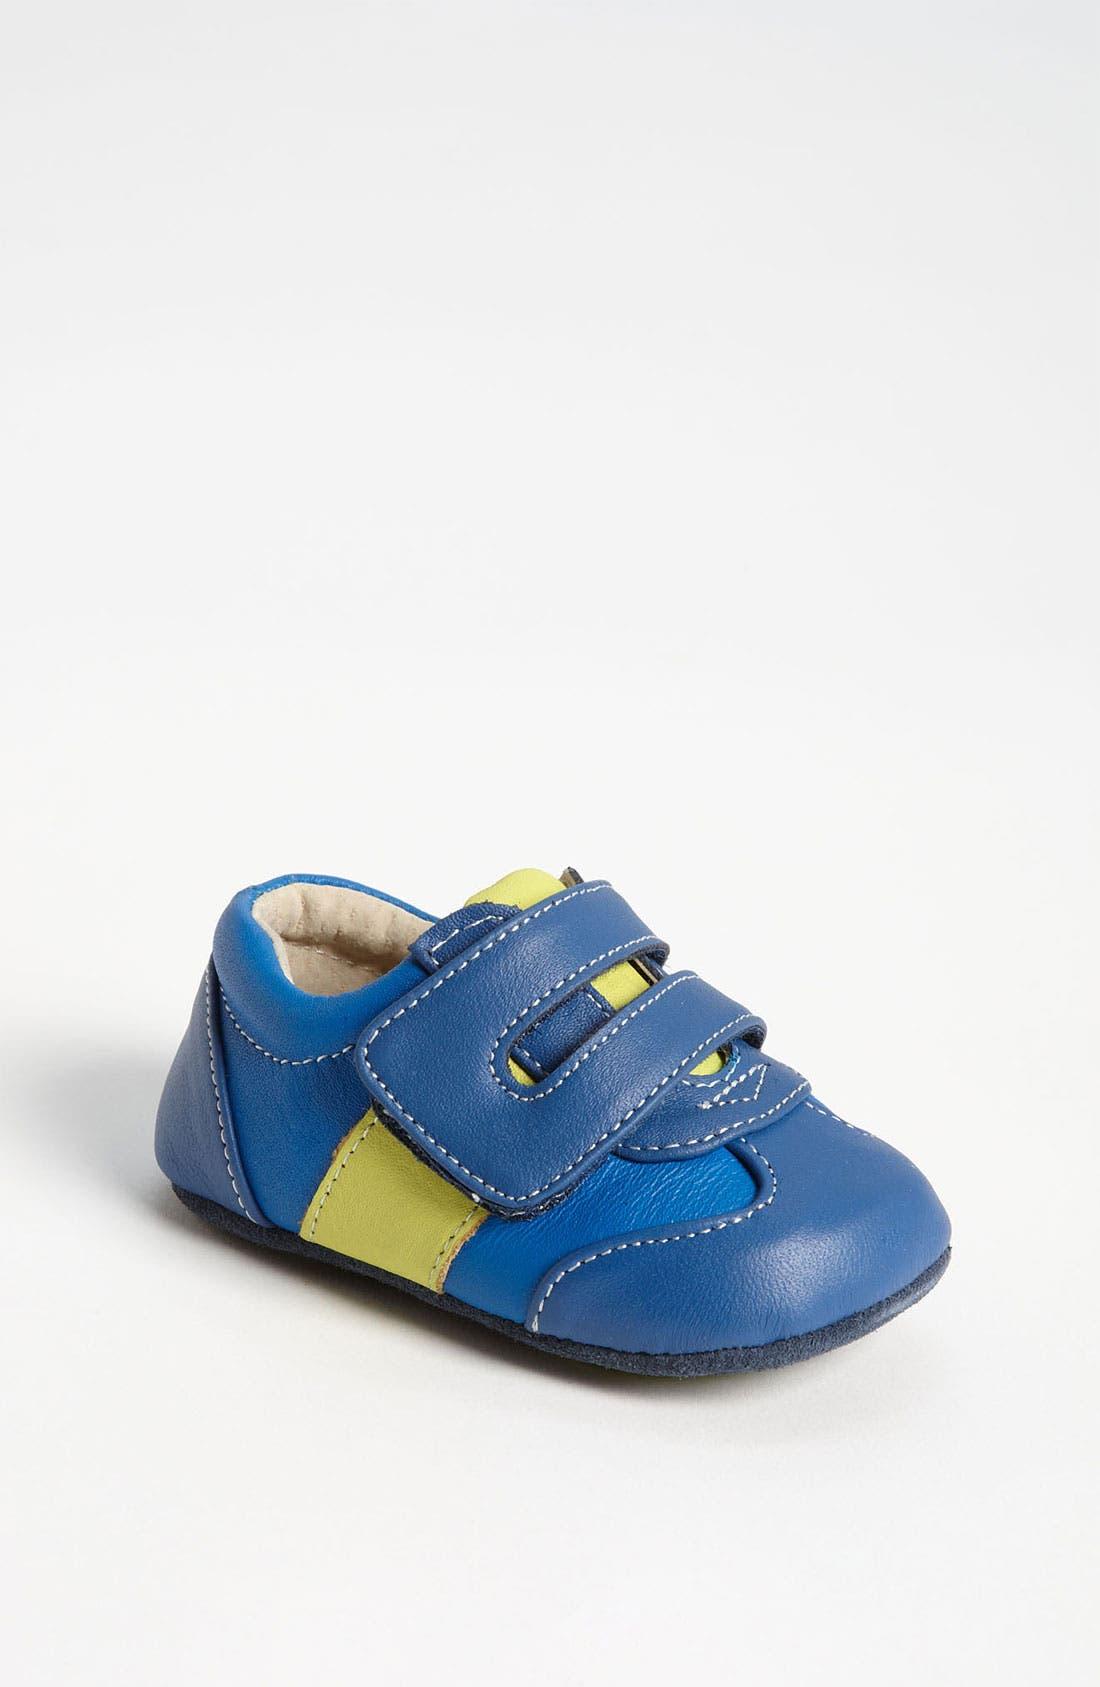 Main Image - See Kai Run 'Grant' Sneaker (Baby & Walker)